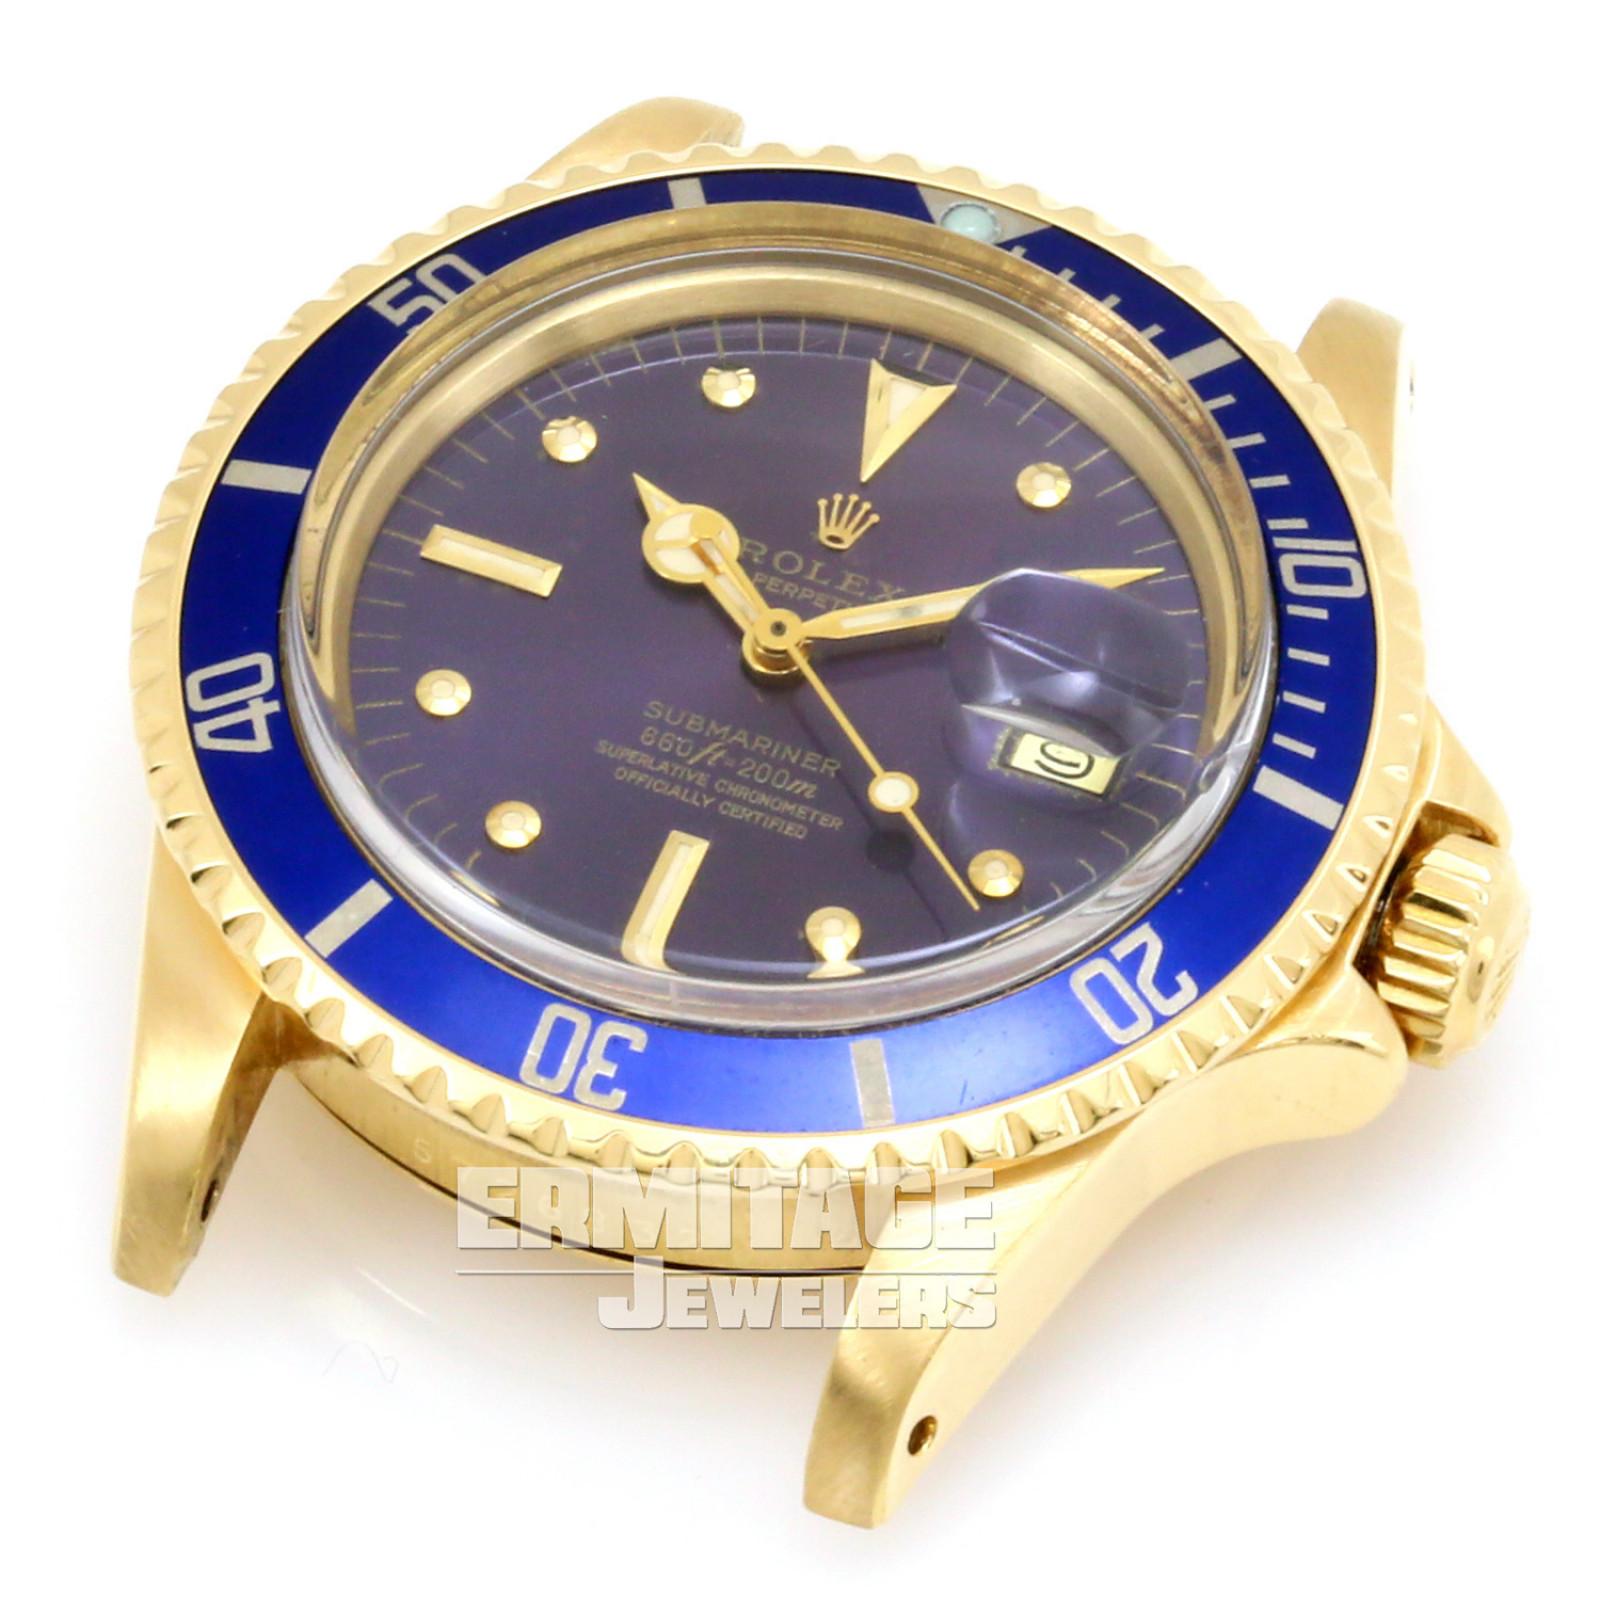 Nipple Rolex Submariner 1680